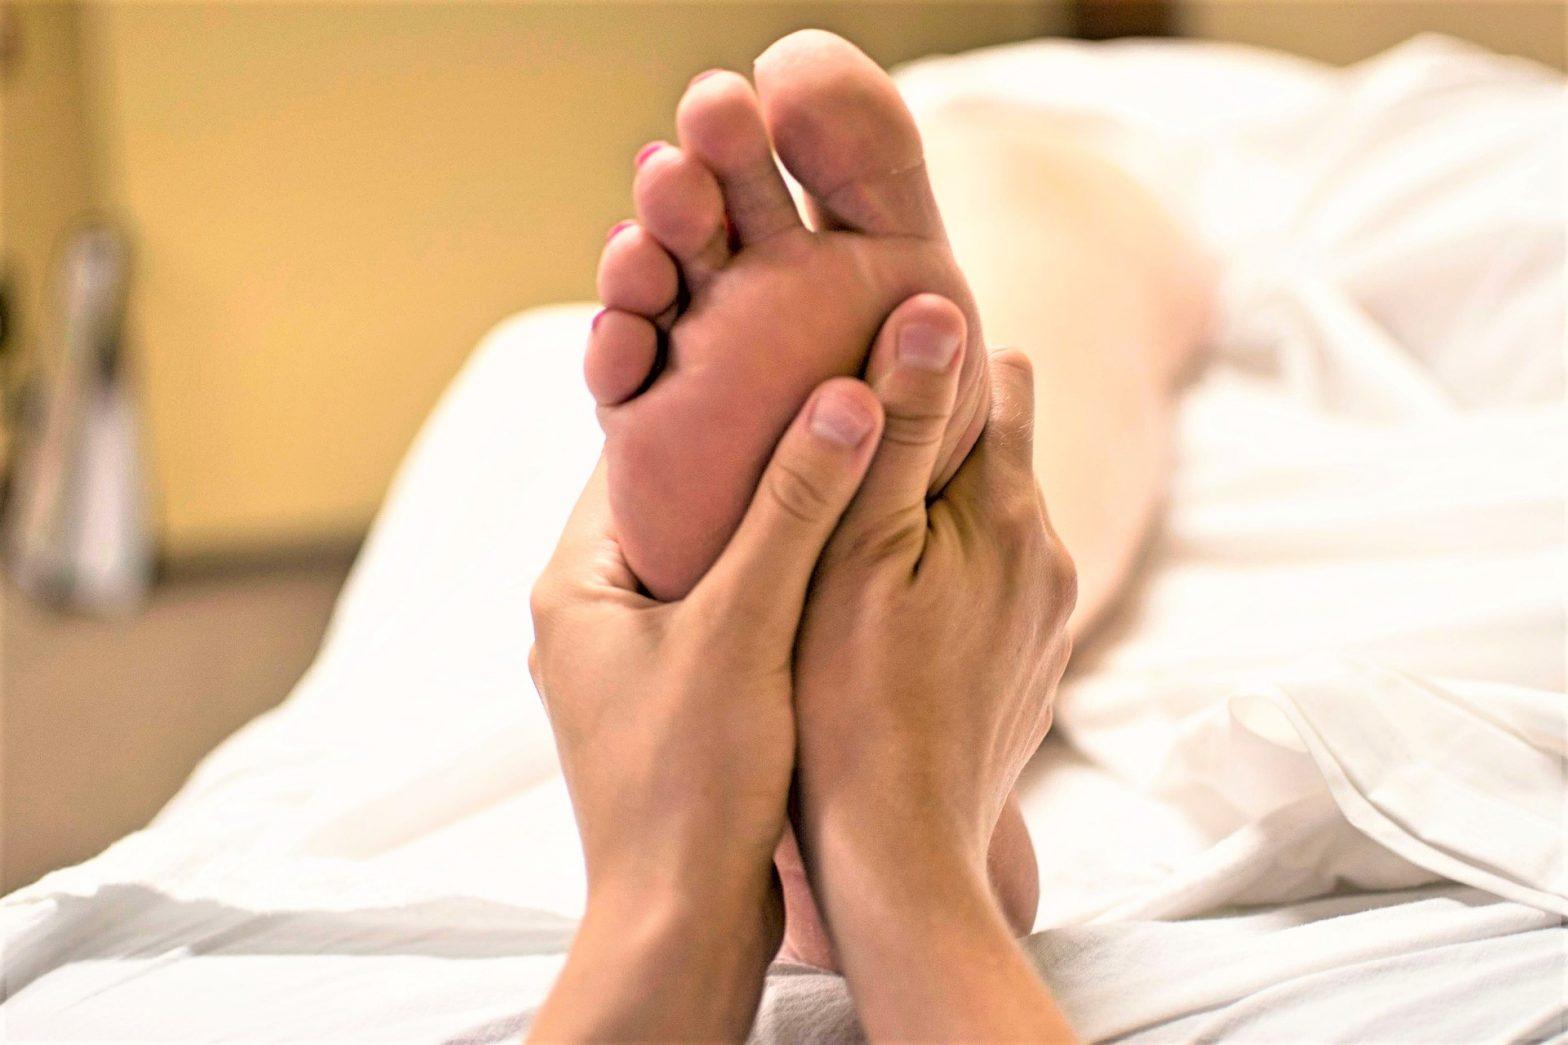 riflessologia massaggio organi interni benessere tecniche alternative terapie naturopatia cupping coppettazione flusso sanguigno cellulite sangue benessere massaggio tecnica